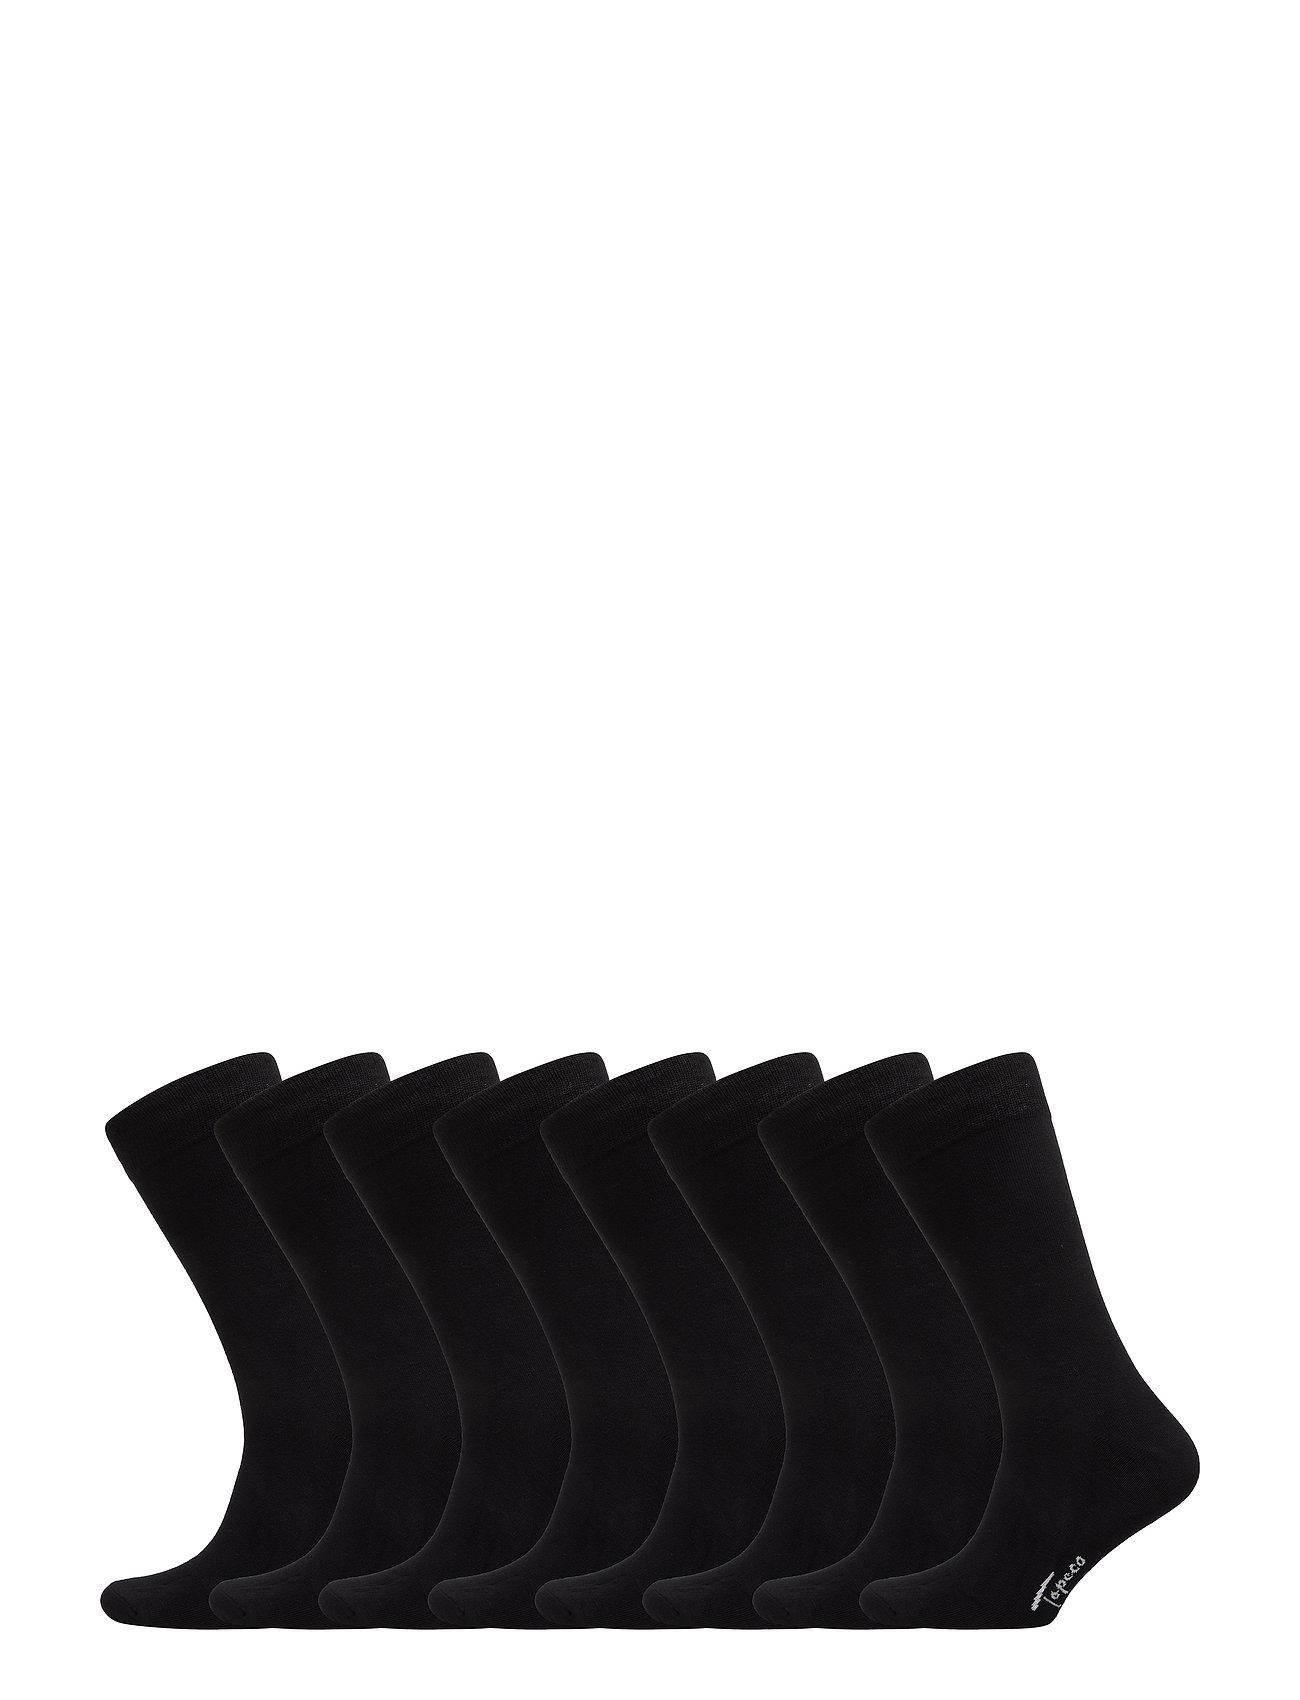 TOPECO SOCKS 8-P - BLACK